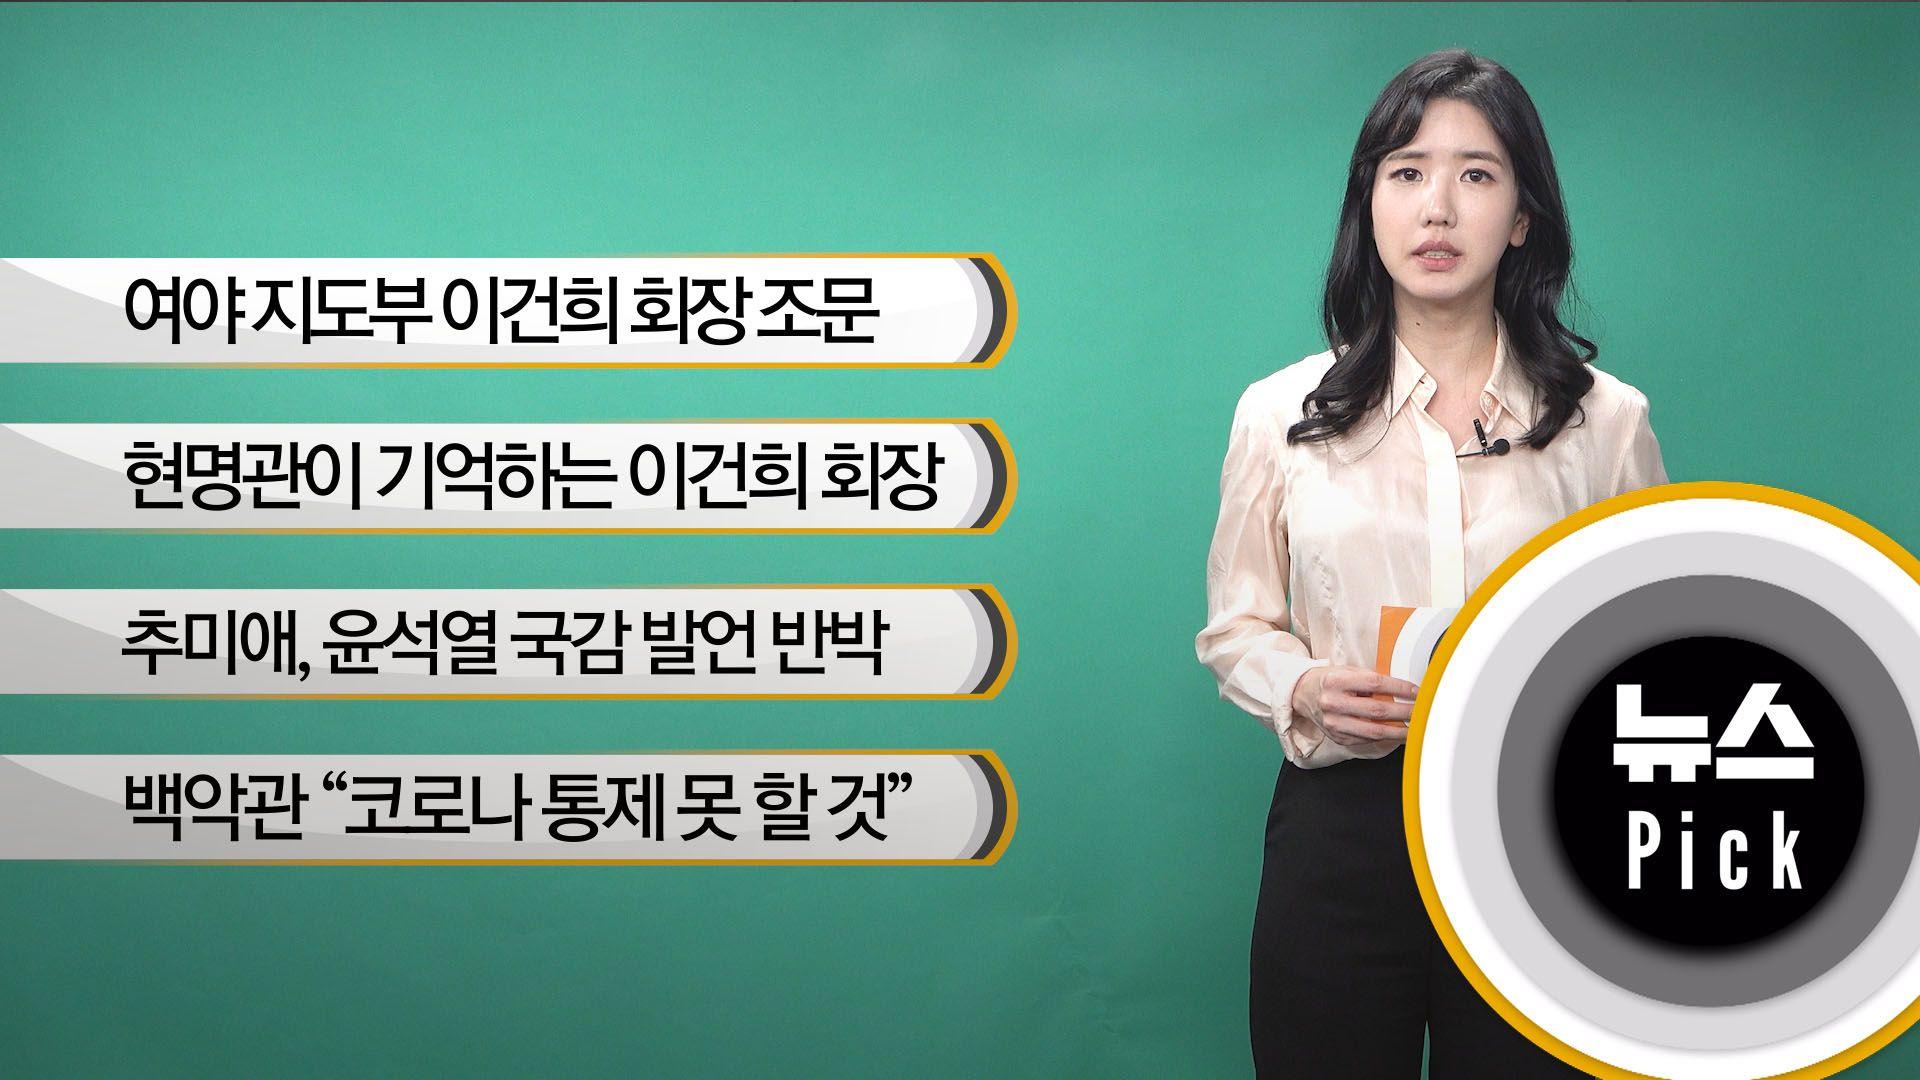 """[뉴스픽] 추미애, 윤석열 국감 발언에 """"검찰총장으로서 선 넘었다"""" 전면 반박"""